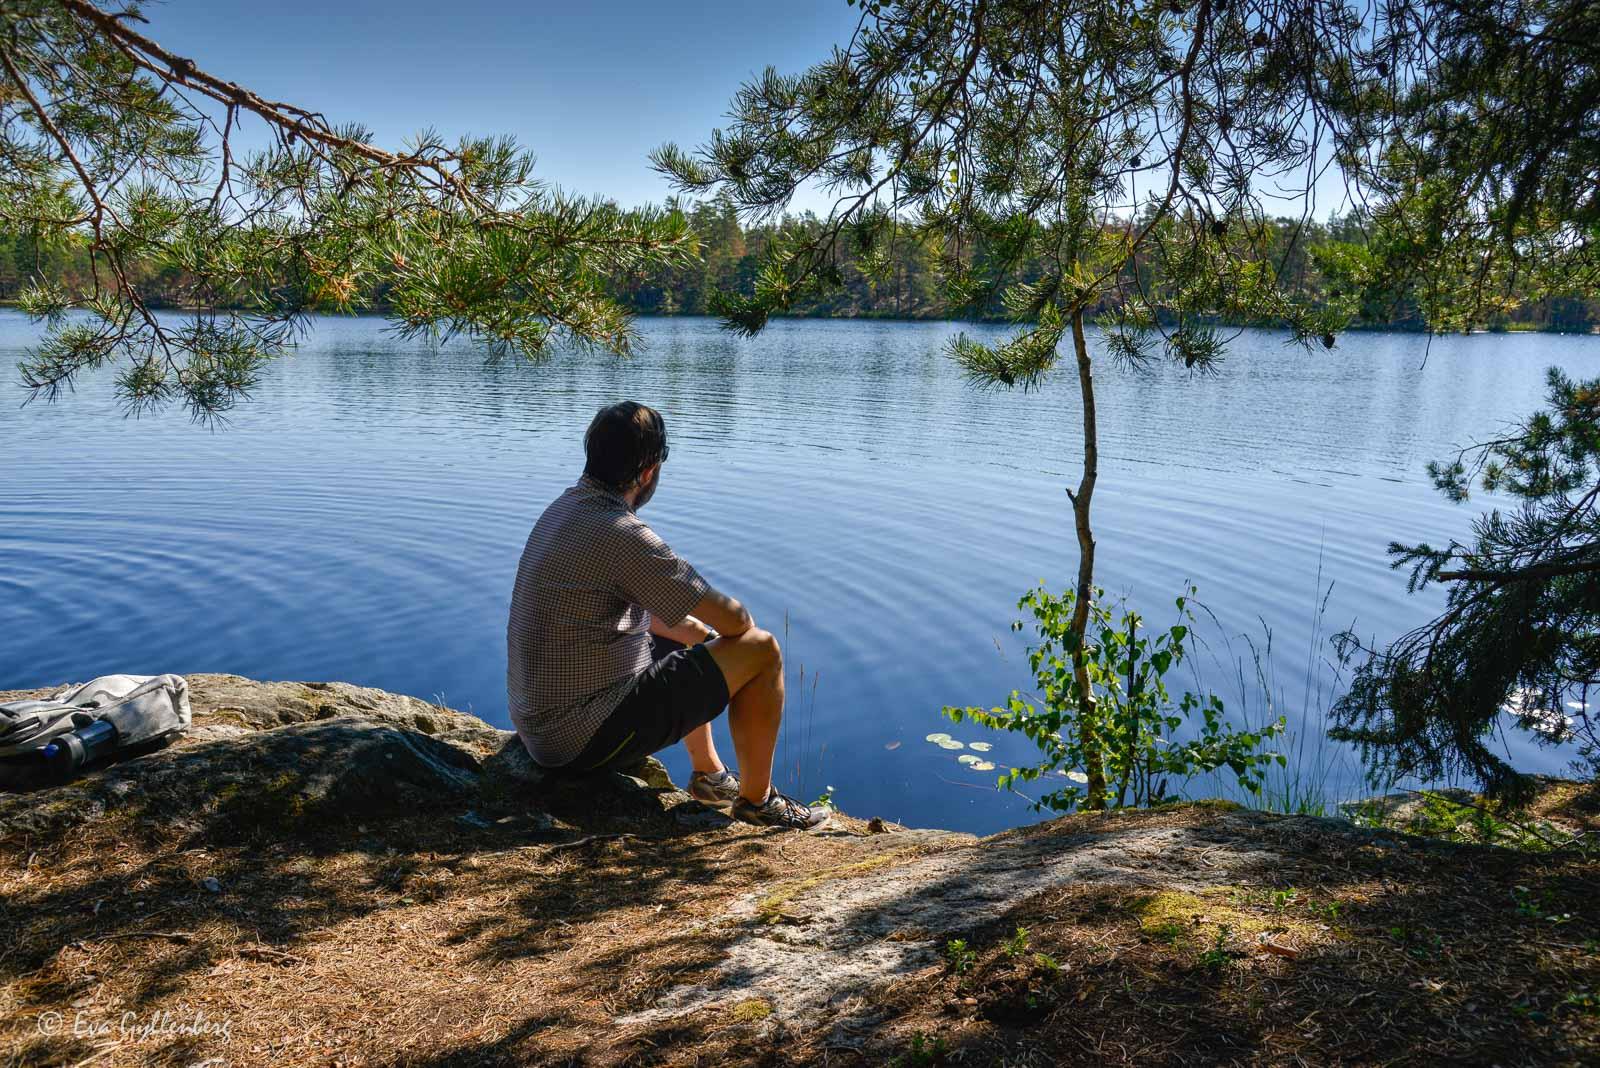 Paradiset naturreservat